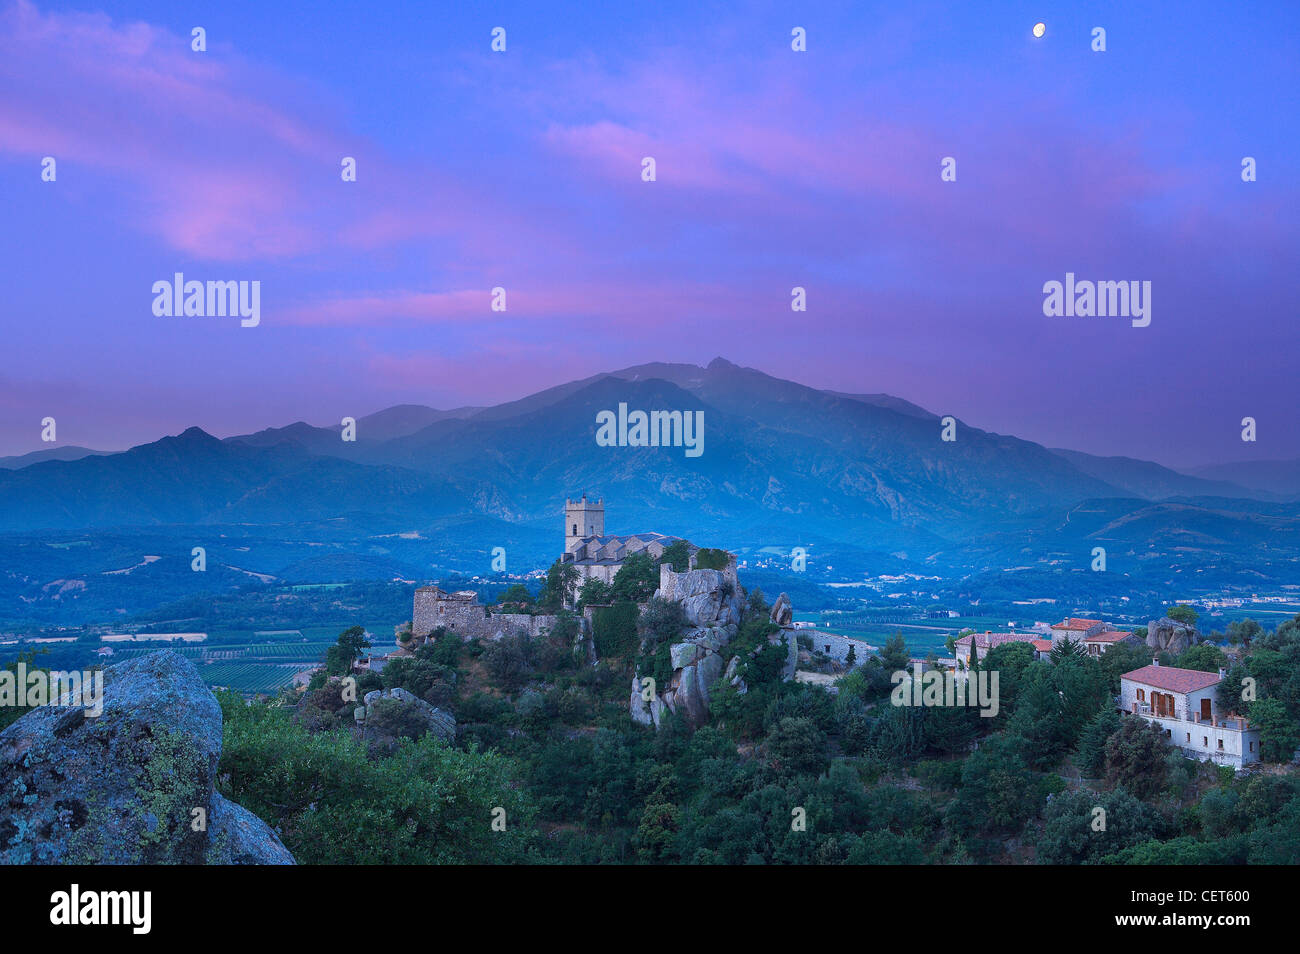 La aldea de eus encaramado en lo alto de una colina con el Pic de Canigou, más allá de los Pirineos, Languedoc Imagen De Stock